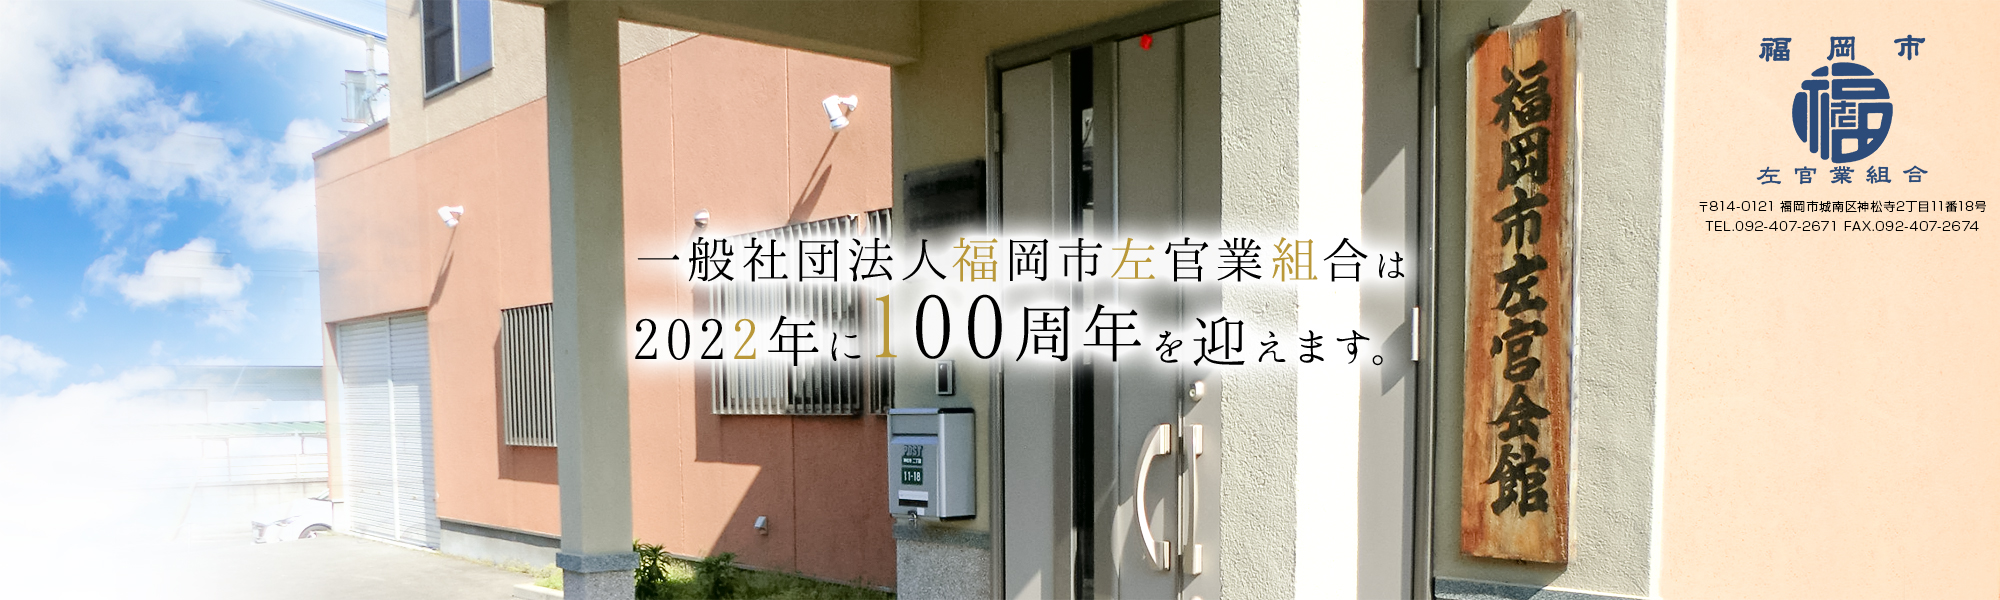 一般社団法人福岡市左官業組合